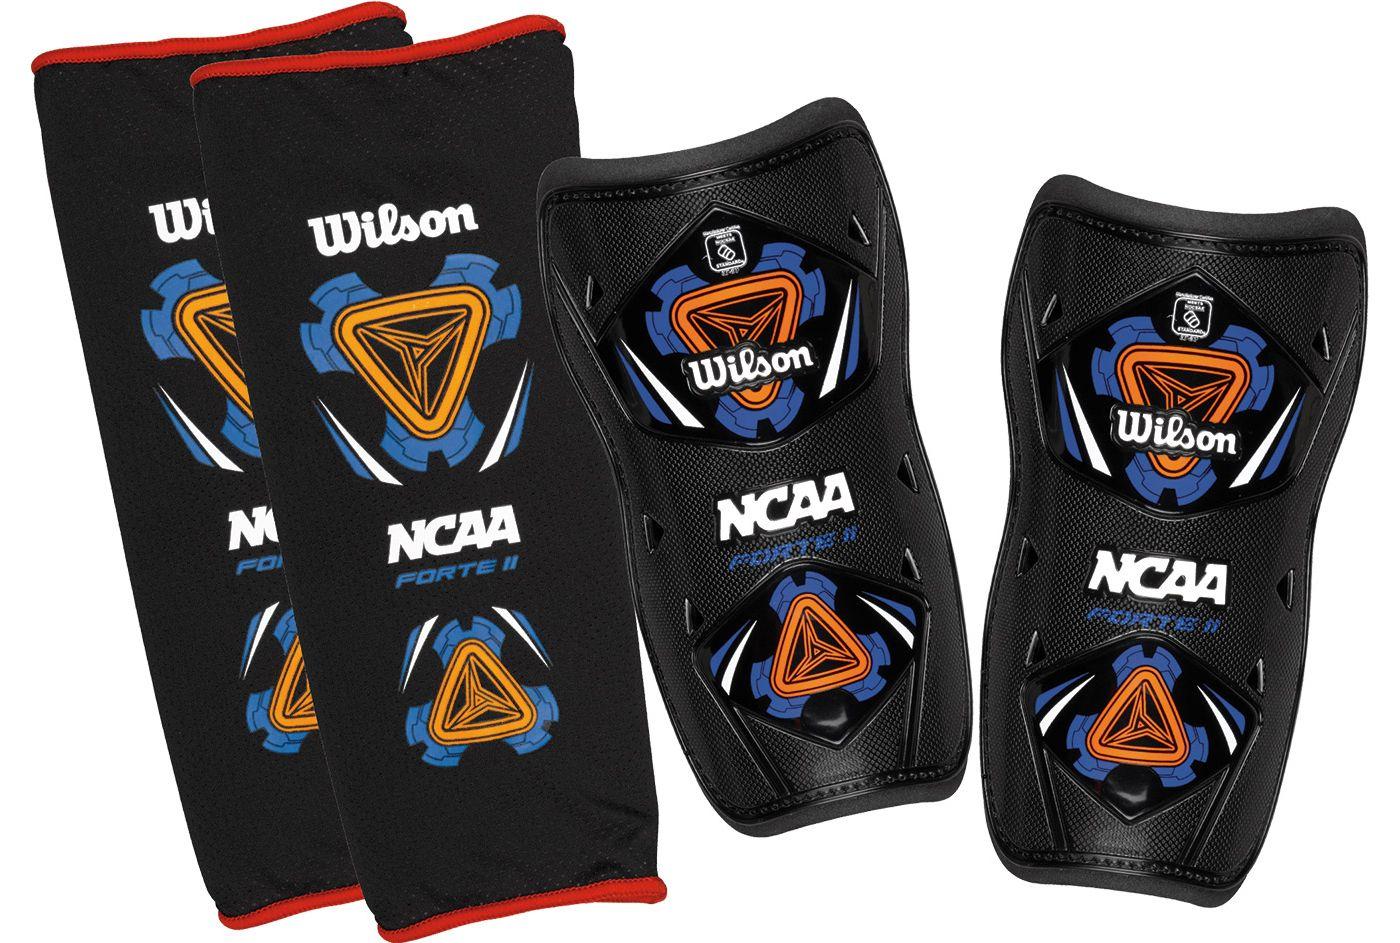 Wilson NCAA Forte ll Soccer Shin Guard